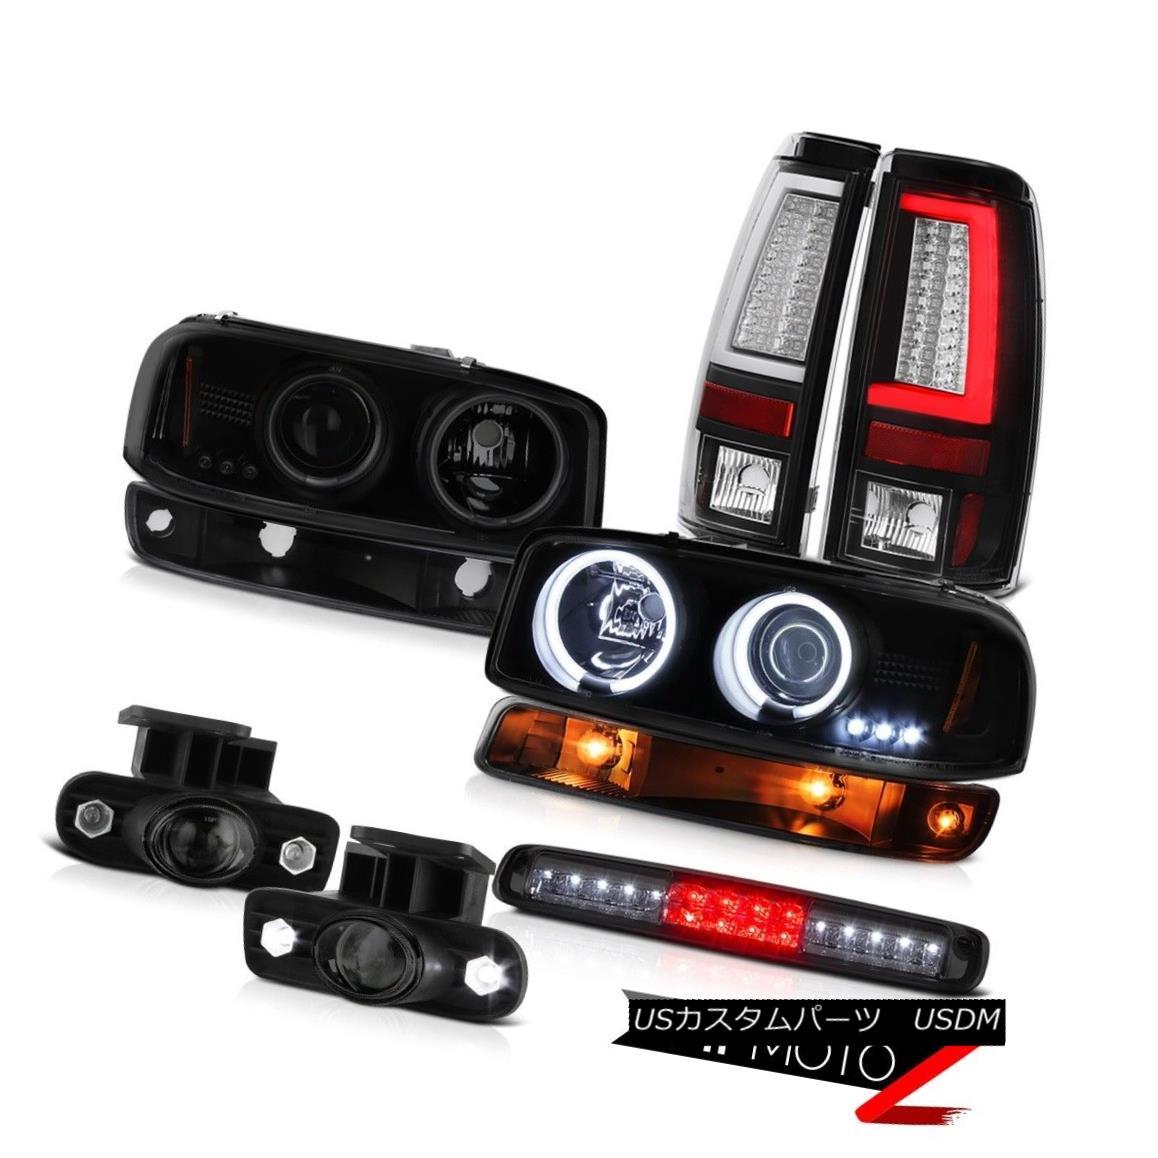 テールライト 99 00 01 02 Sierra 5.3L Taillamps High Stop Light Bumper Foglamps CCFL Headlamps 99 00 01 02 Sierra 5.3L TaillampsハイストップライトバンパーフォグランプCCFLヘッドランプ